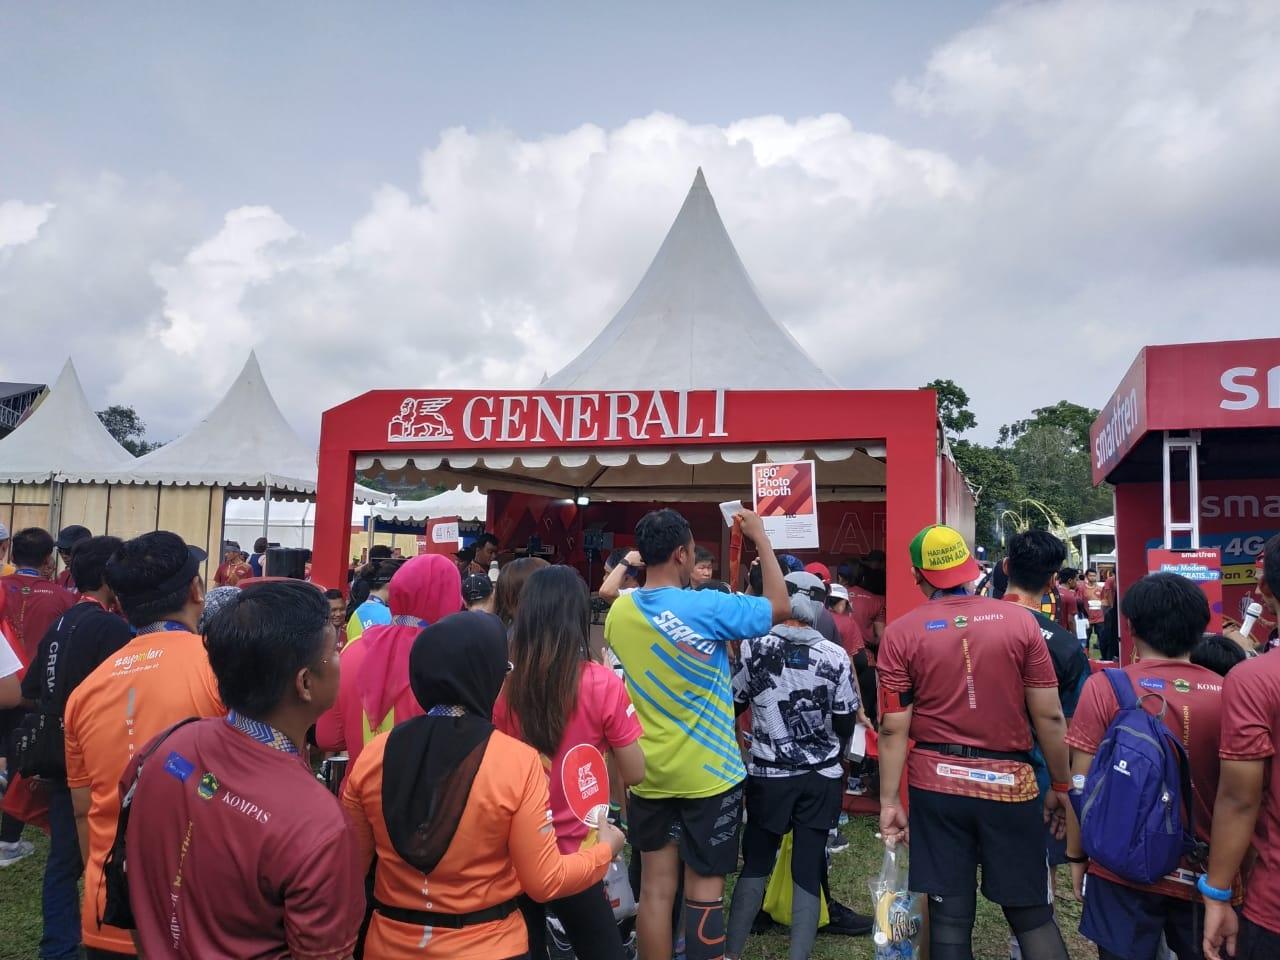 Dukung Borobudur Marathon 2020, Generali Promosikan Kesehatan Fisik dan Mental di Tengah Pandemi